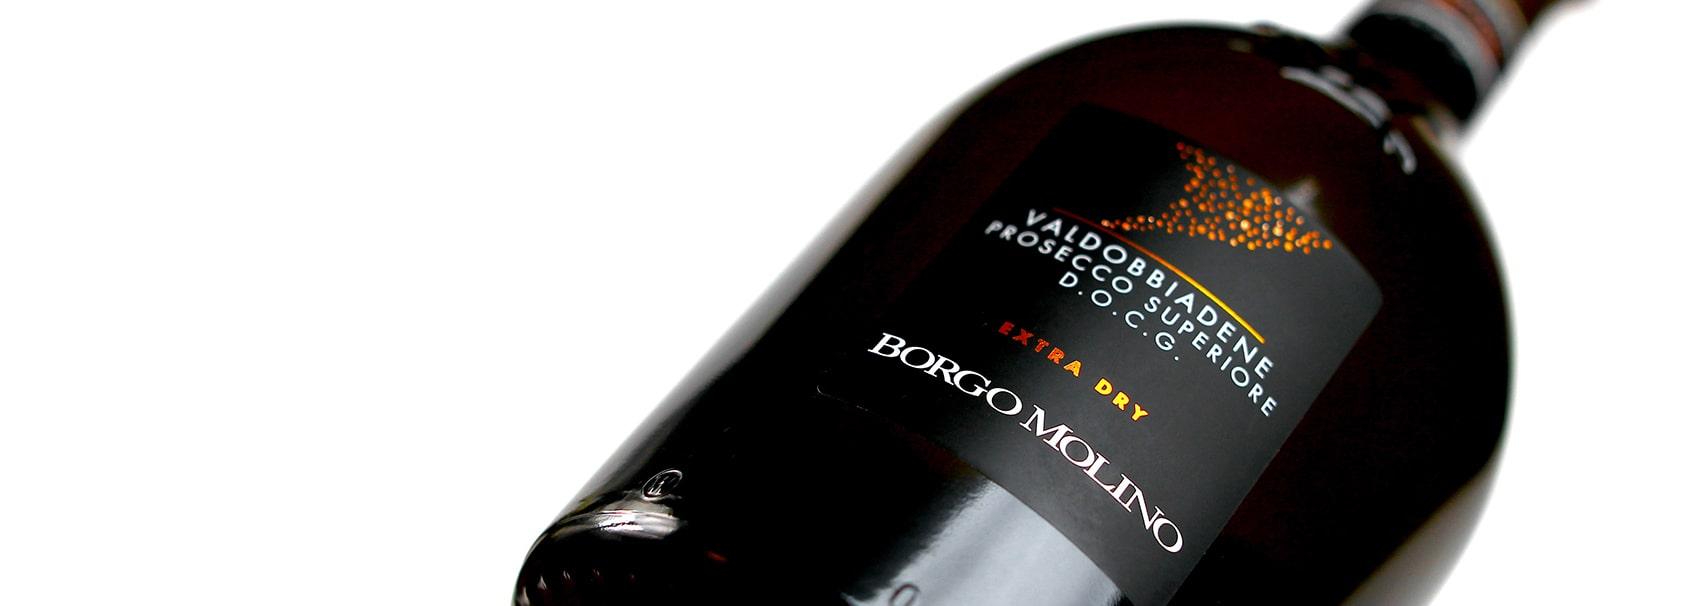 Borgo-Molino-Extra-Dry